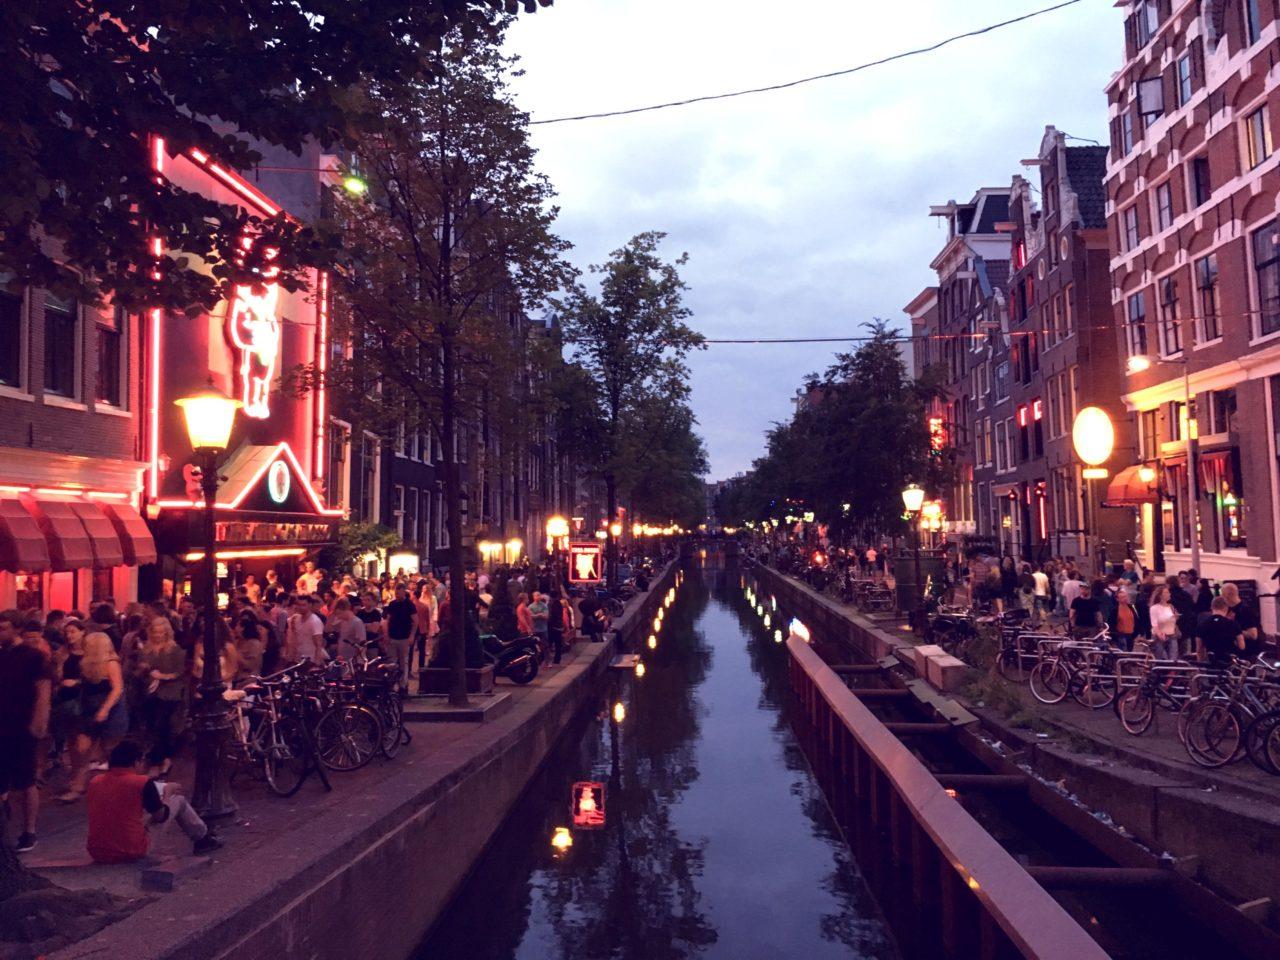 Allein in einer fremden Stadt - allein in Amsterdam